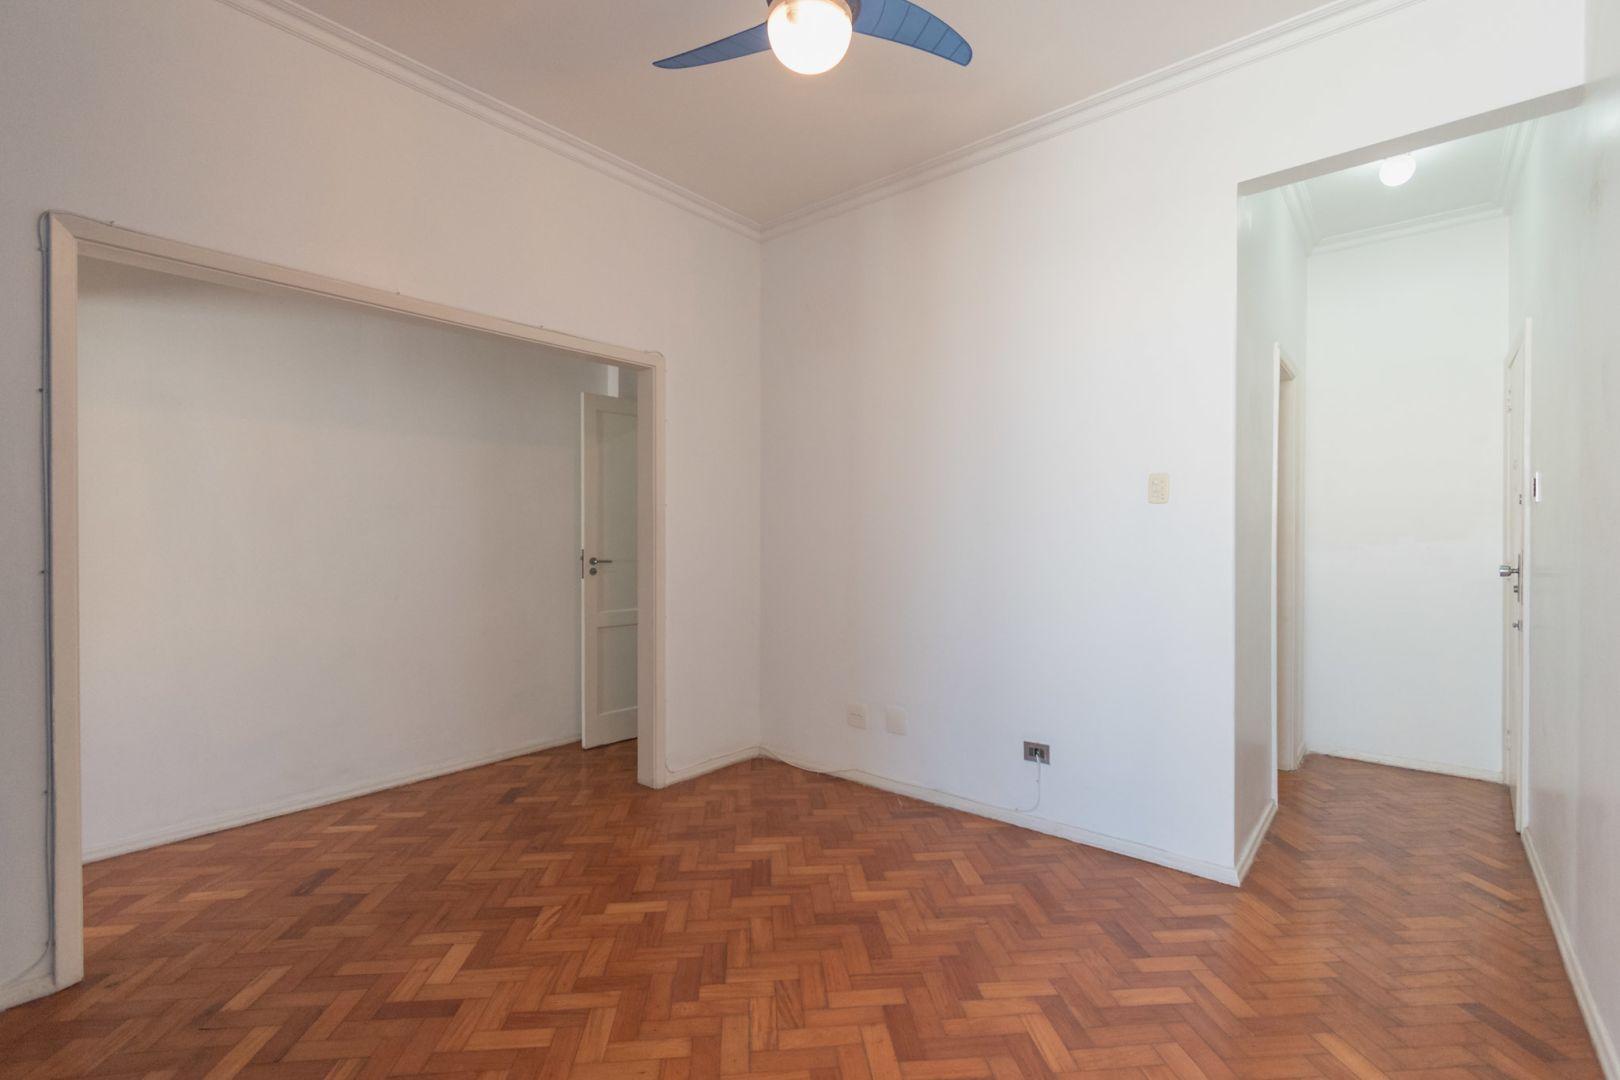 Imagem do Apartamento ID-2618 na Avenida Ataulfo de Paiva, Leblon, Rio de Janeiro - RJ